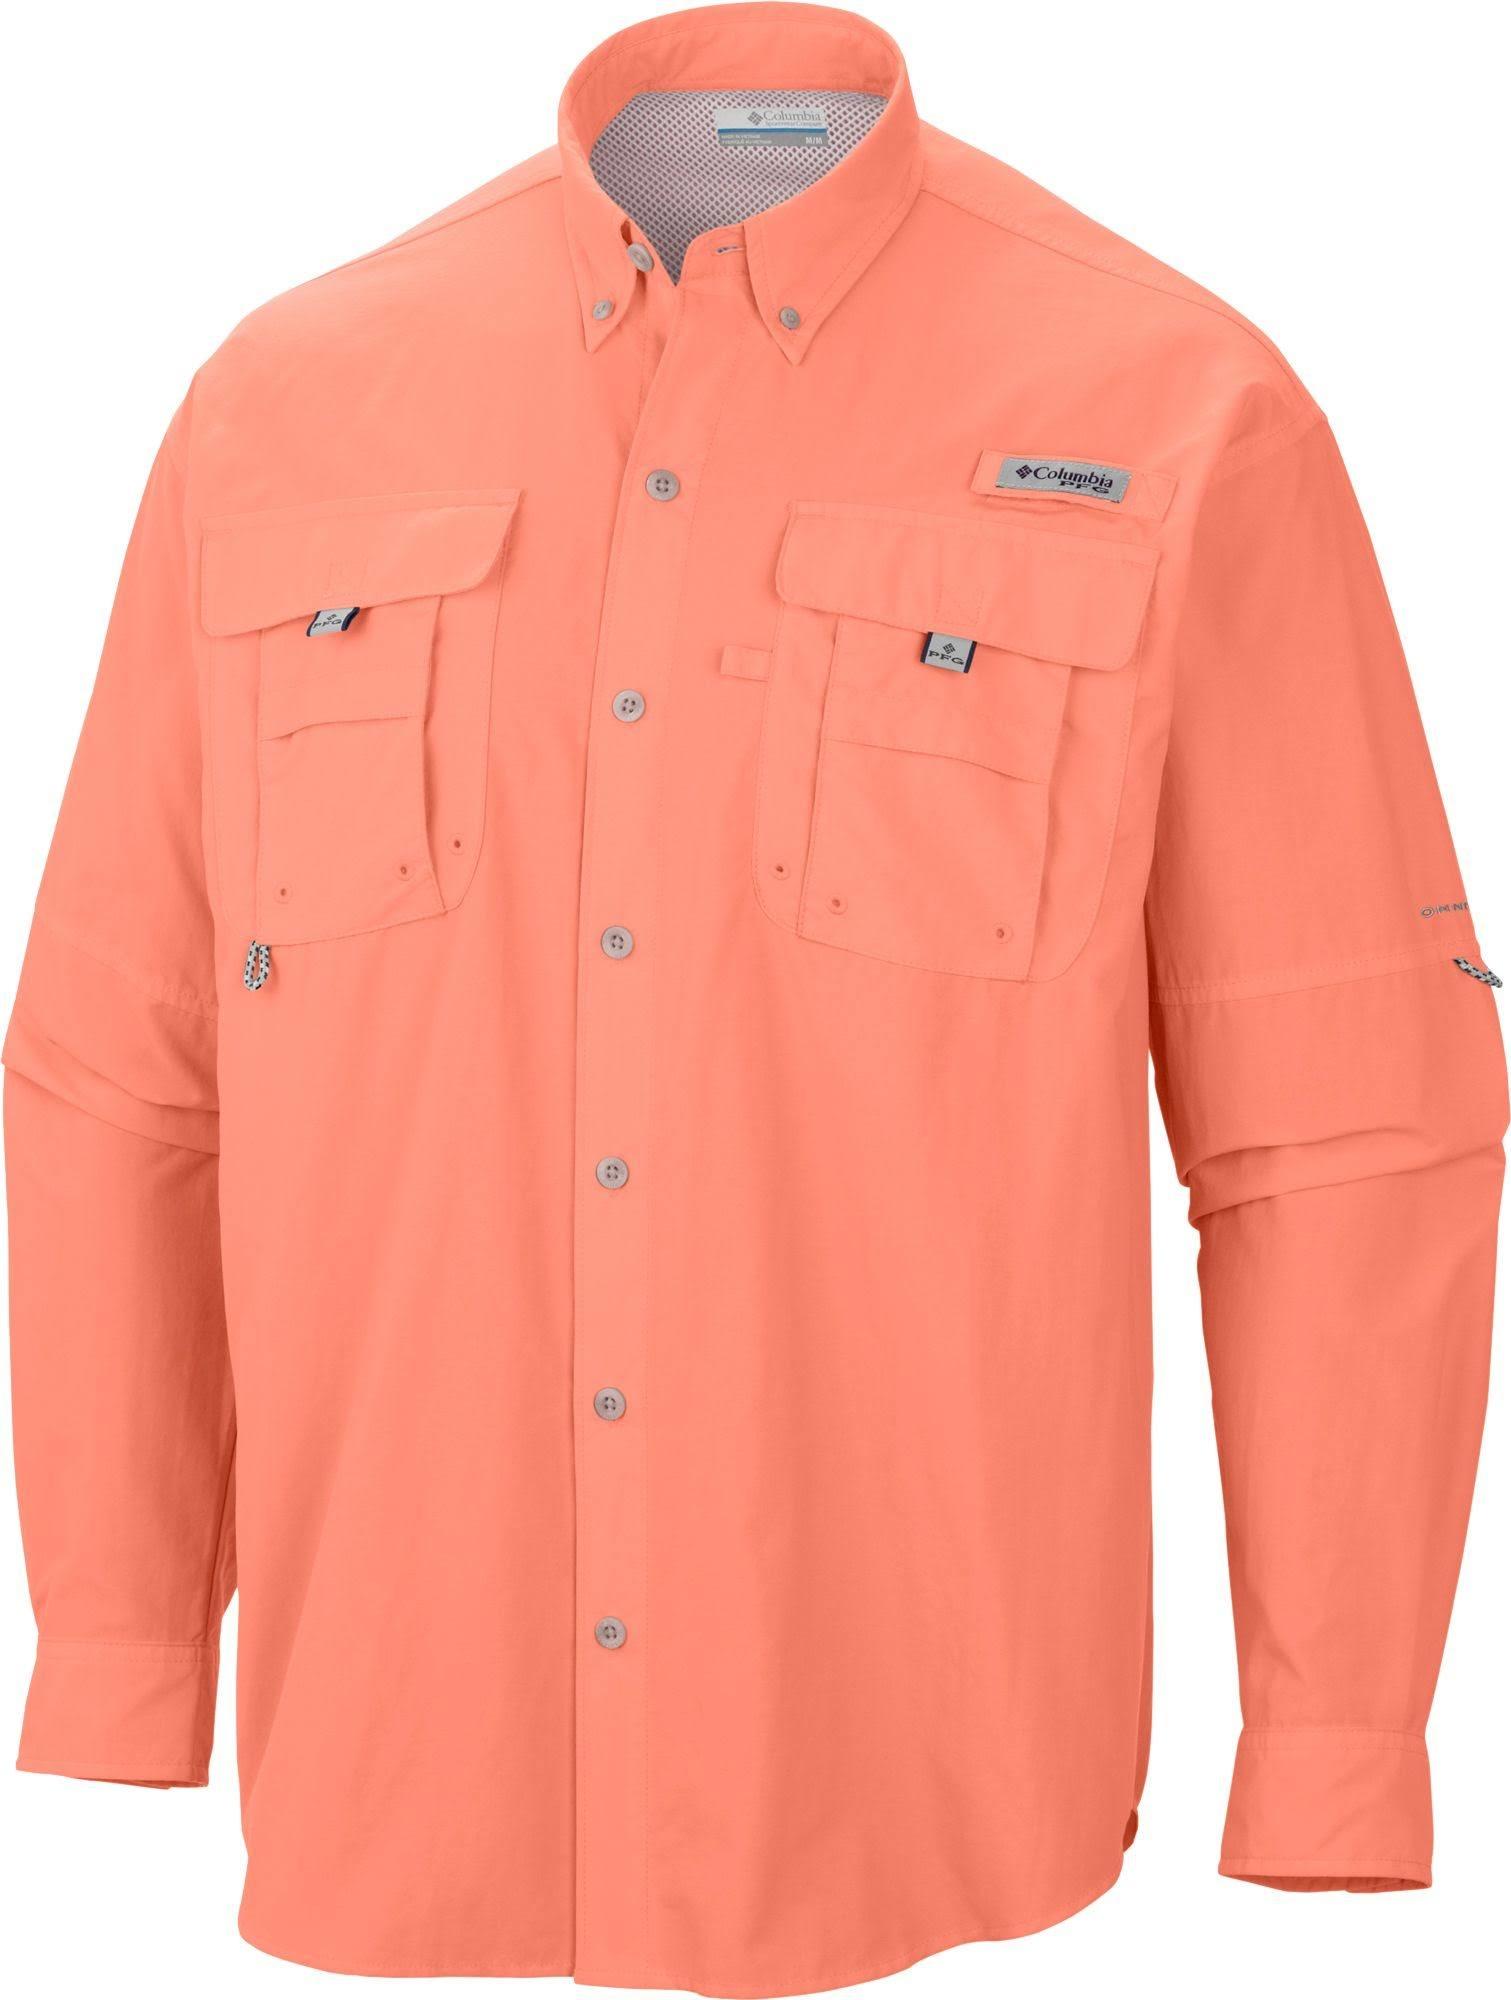 Men's PFG Bahama™ II Long Sleeve Shirt Big